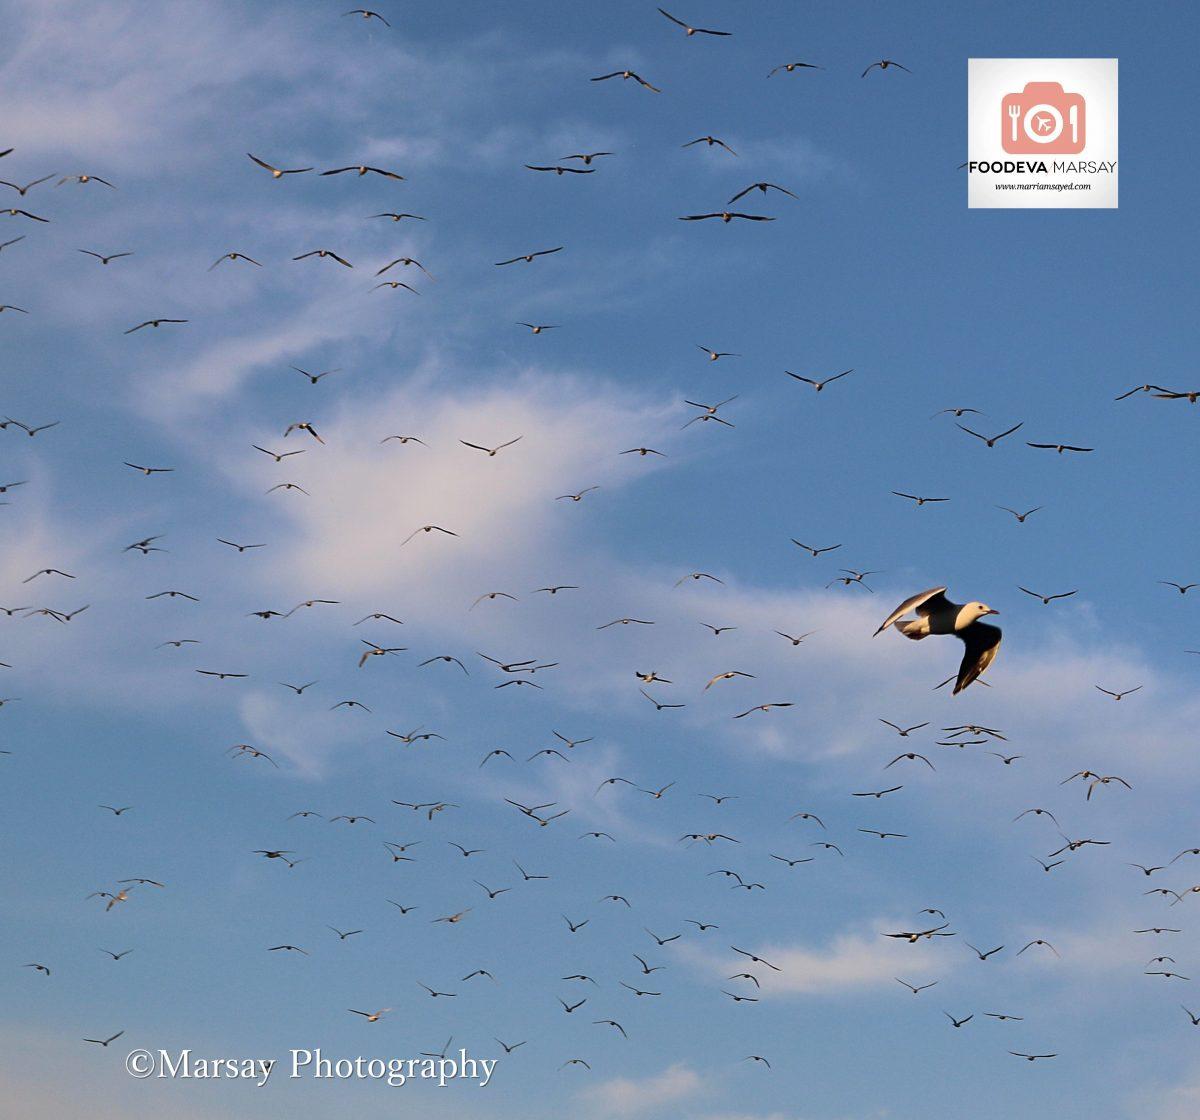 cape-birds-for-blog-1200x1120.jpg